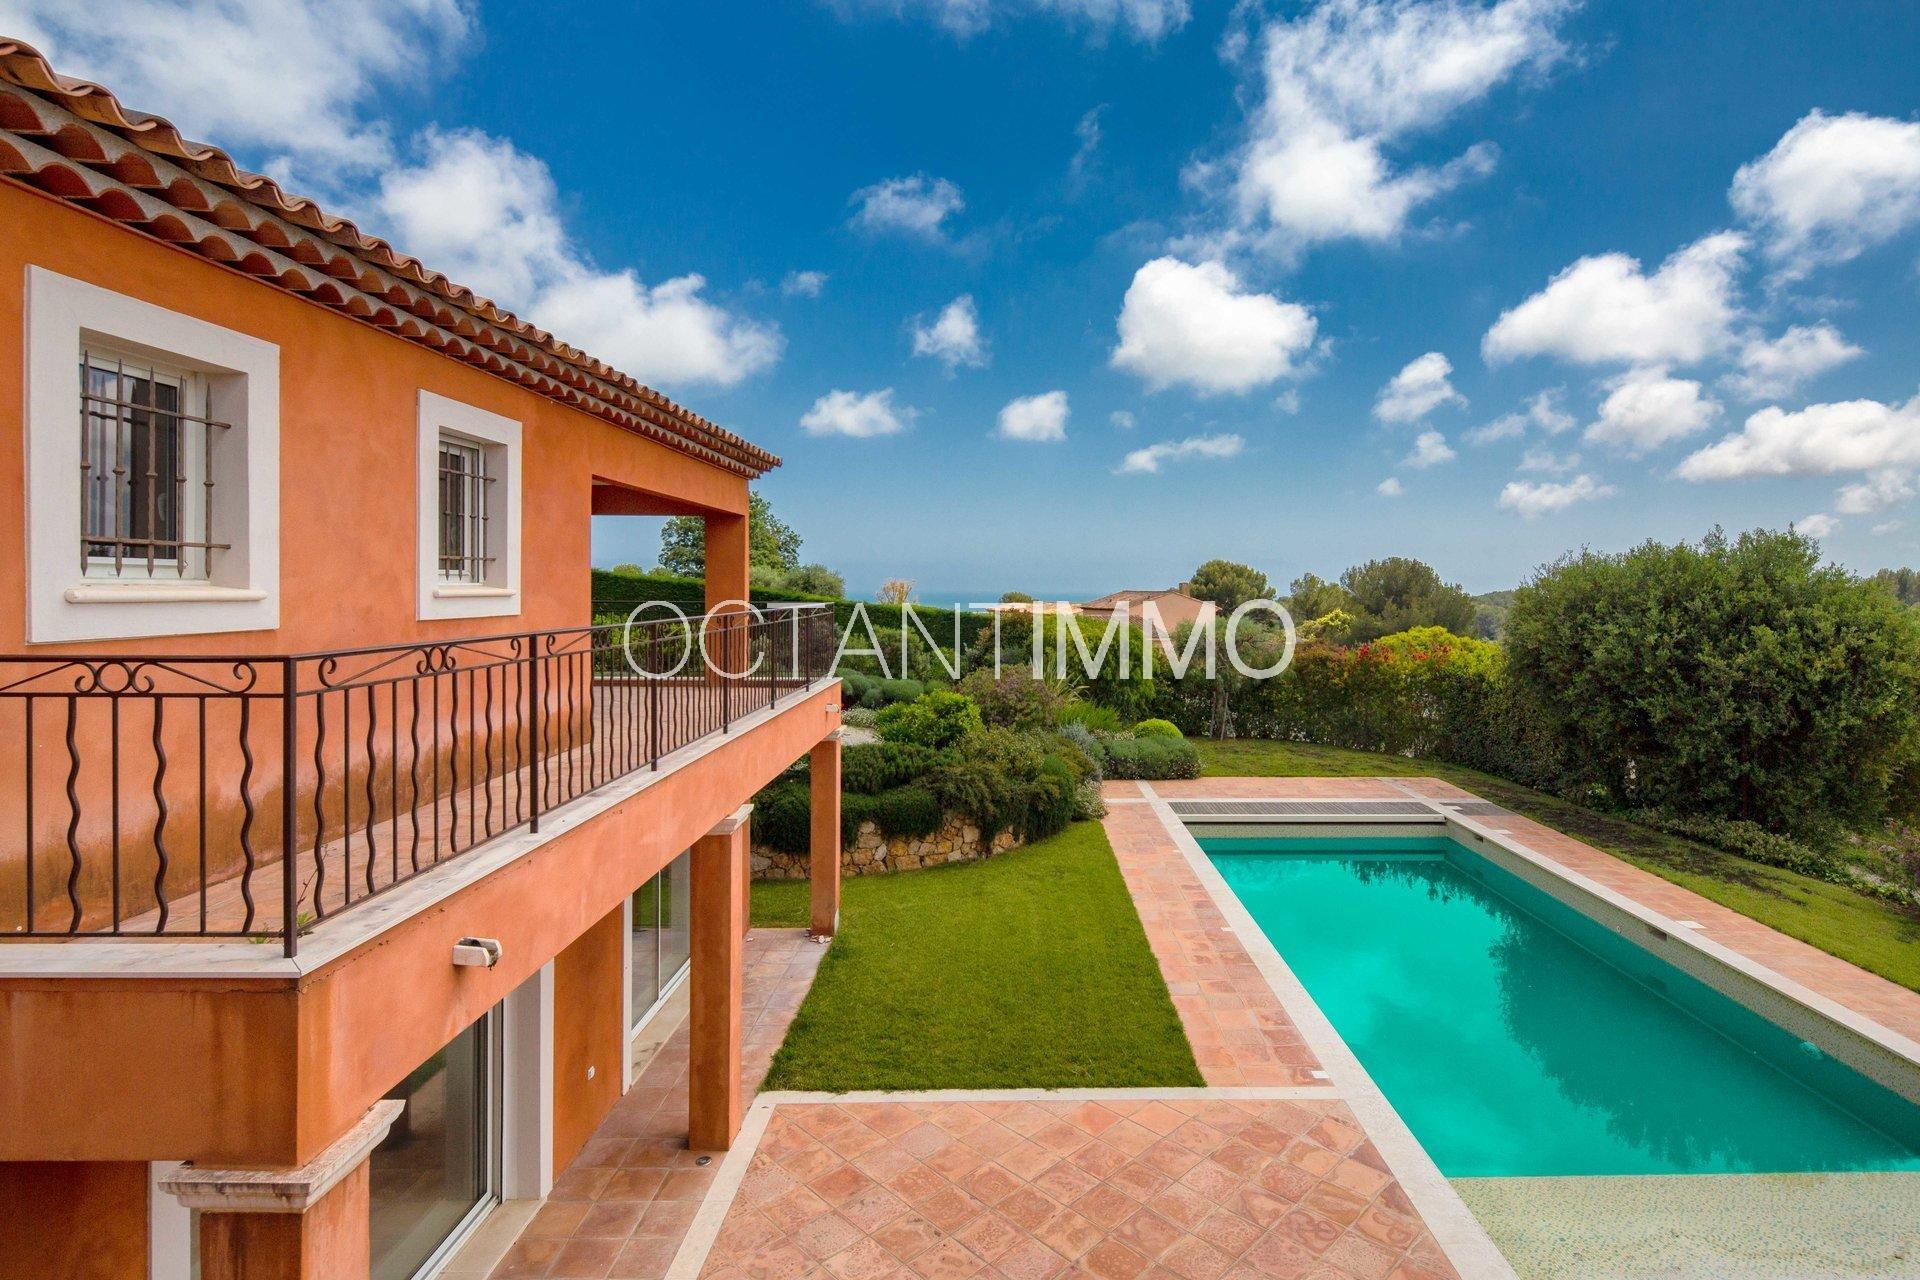 Vente villa Biot La Chèvre d'or - Villa neuve 4 chambres